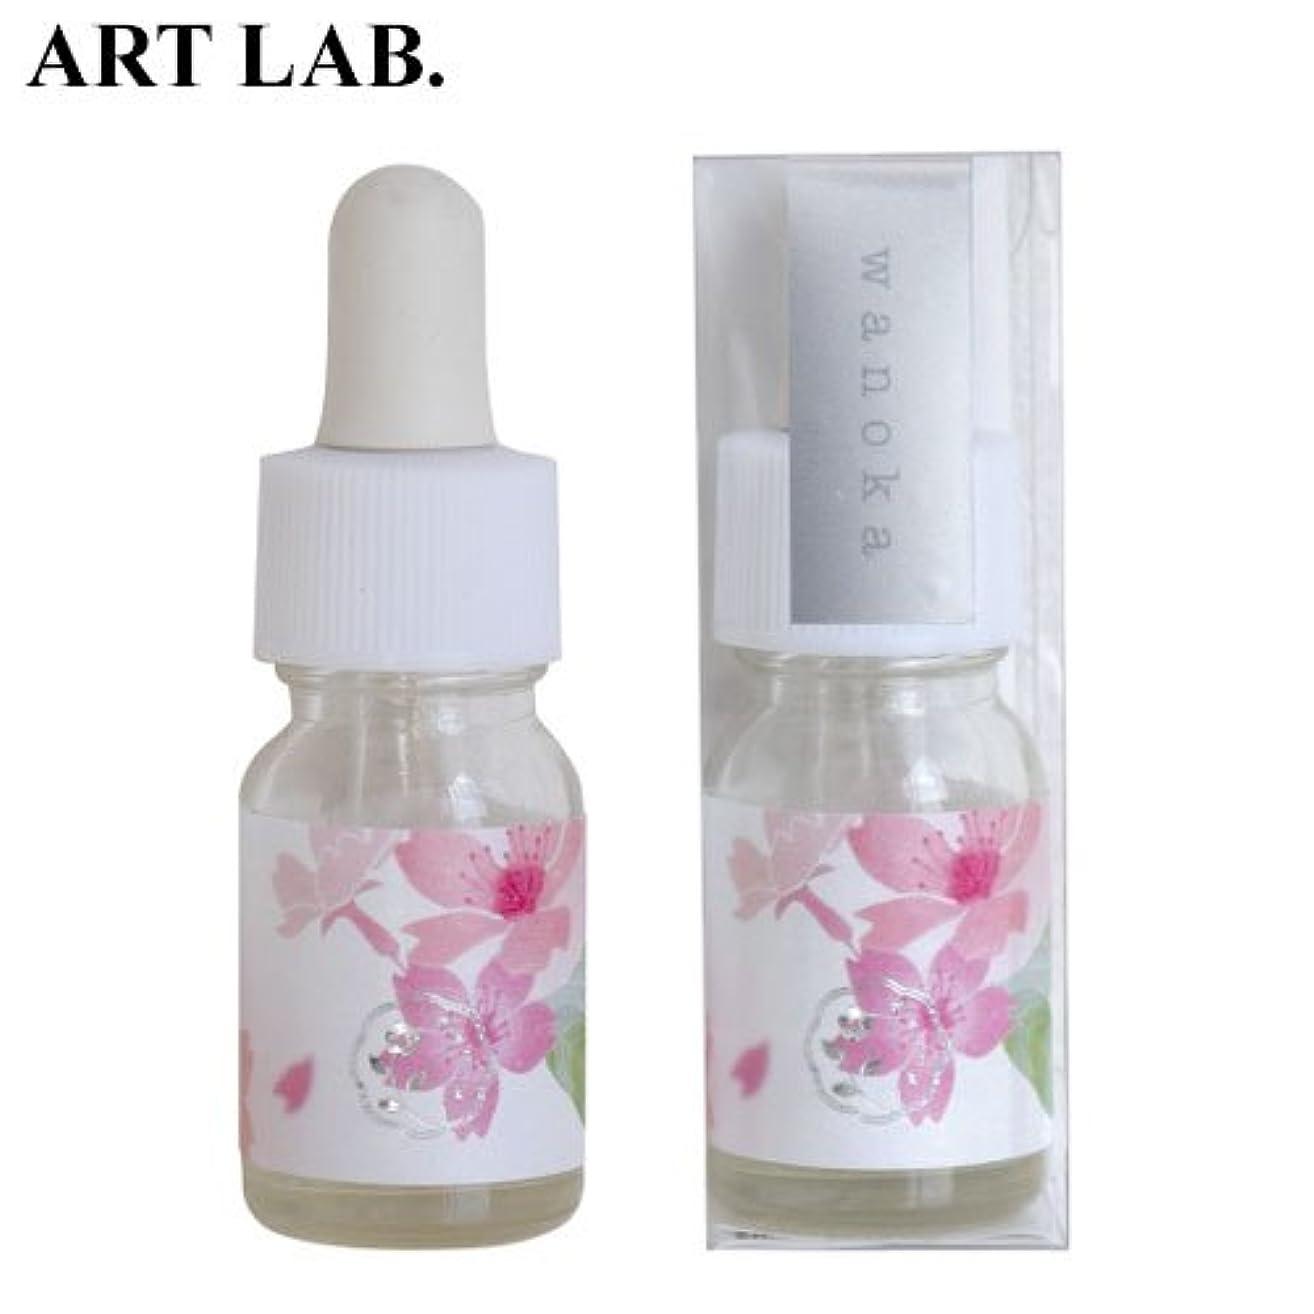 コンソール笑いフックwanoka香油アロマオイル桜《桜をイメージした甘い香り》ART LABAromatic oil